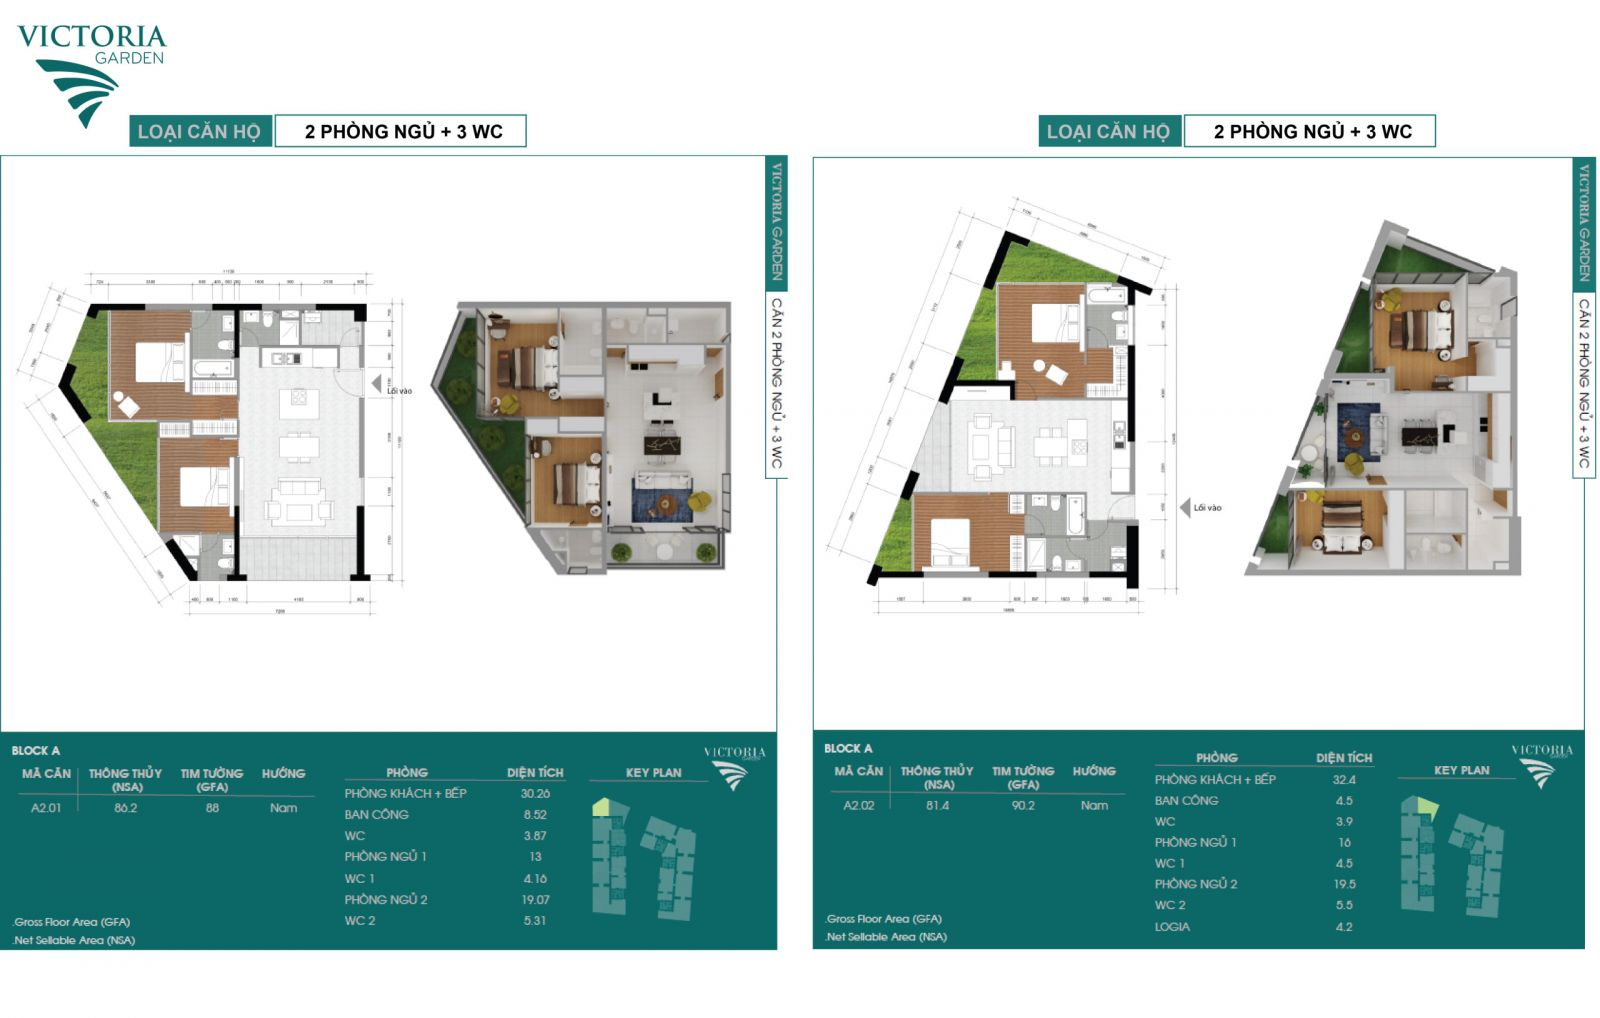 Mặt bằng căn hộ 2 phòng ngủ và 3 WC điển hình của block A dự án Victoria Garden quận Bình Tân